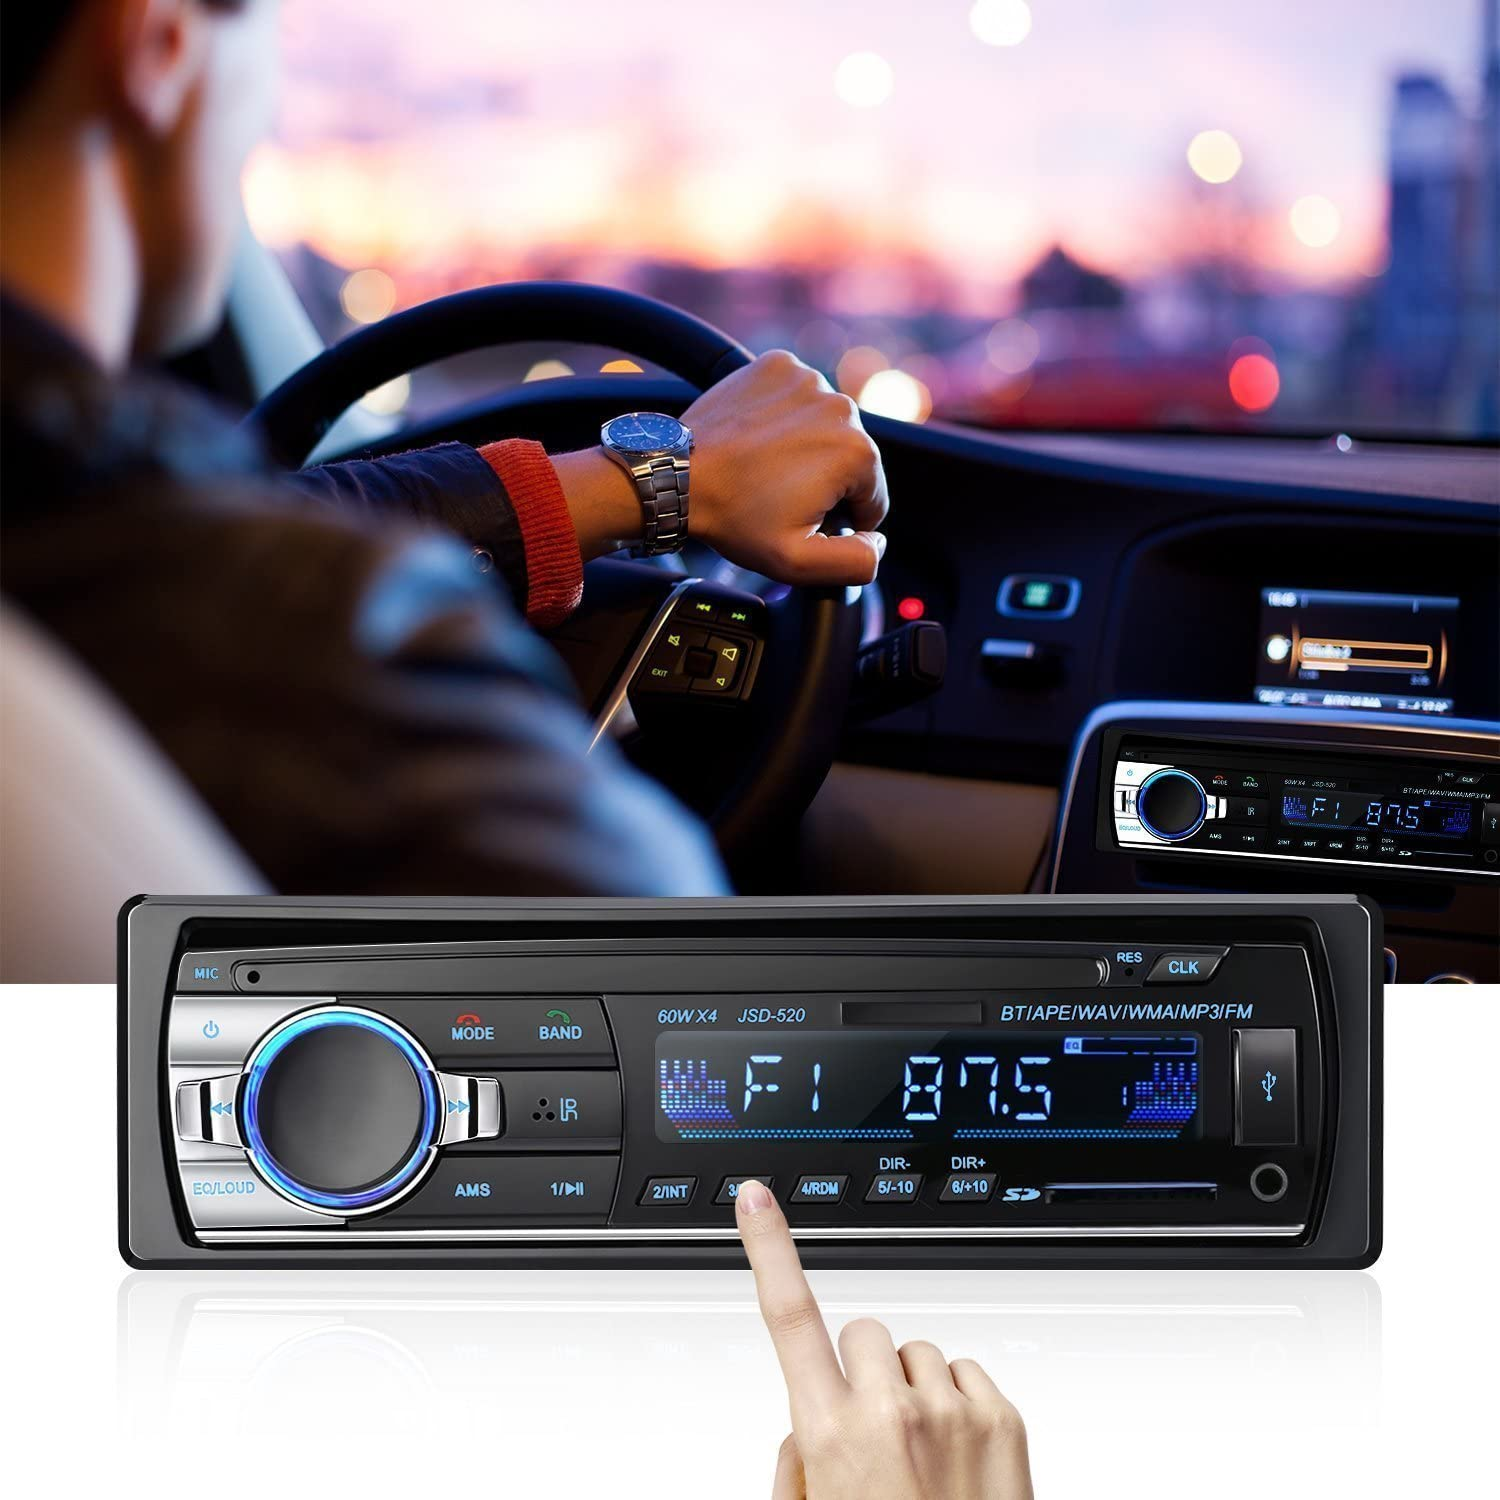 Bluetooth Autoradio Suaver Single Din Auto Audio Stereo Fm Radio Auto Mp3 Player Usb Sd Aux Freisprecheinrichtung Mit Fernbedienung Digitaler Medienempfänger Jsd 520 Beleuchtung